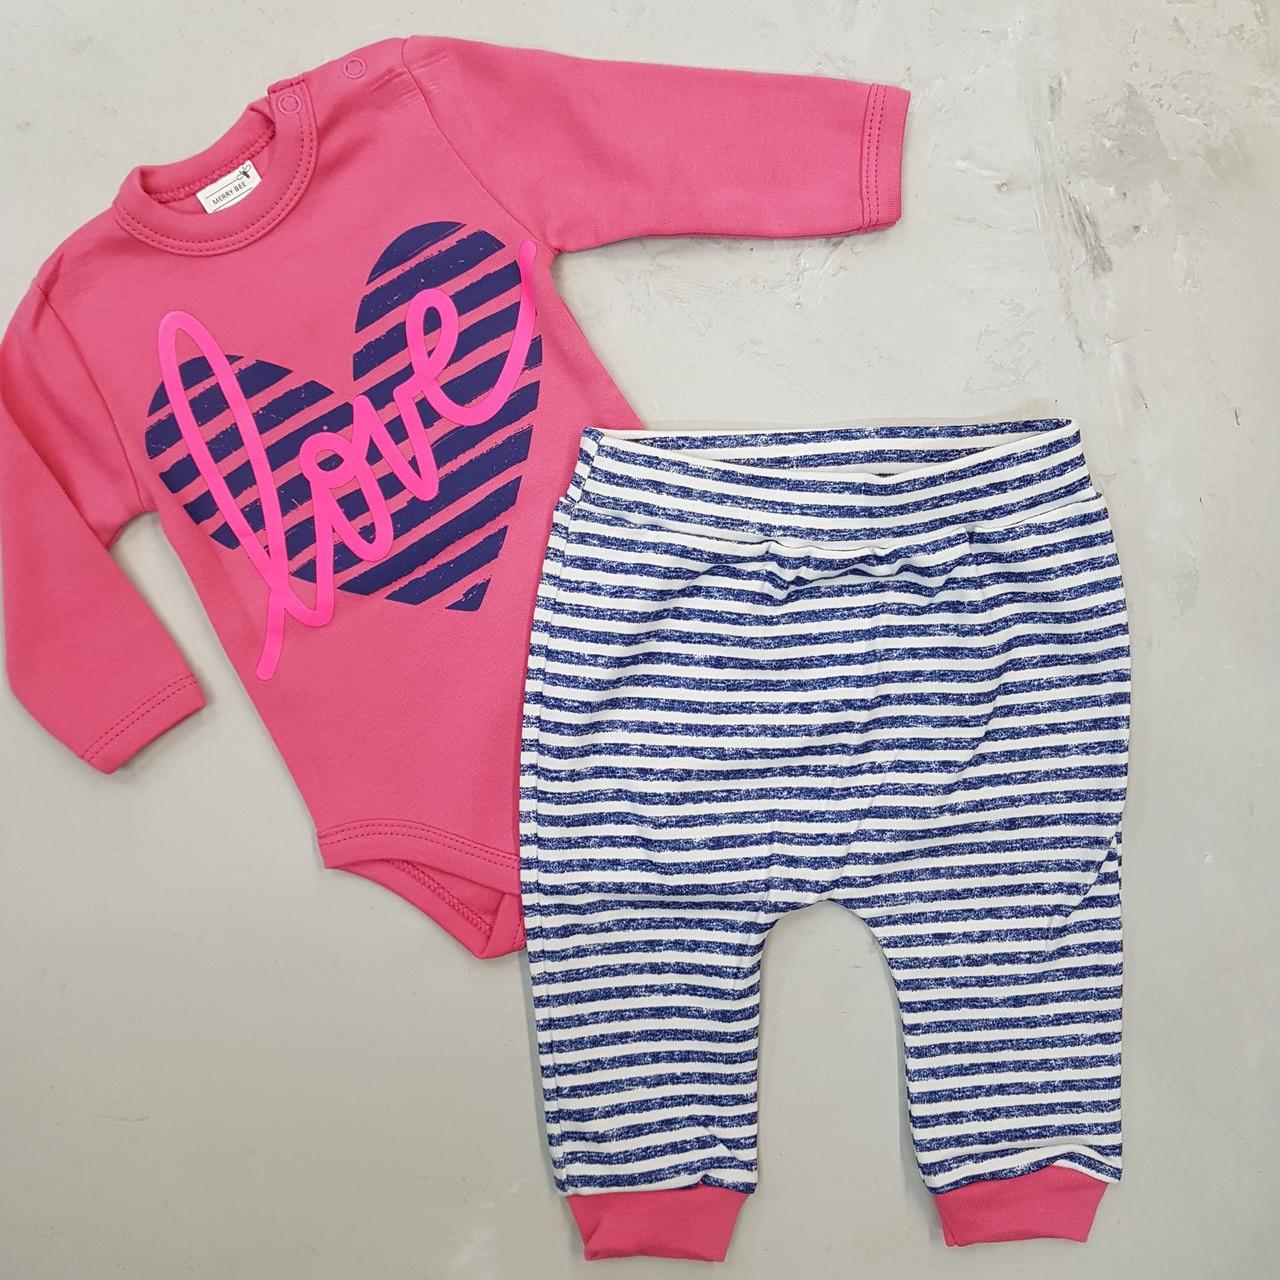 Комплект (боди, штаны) для девочки любовь